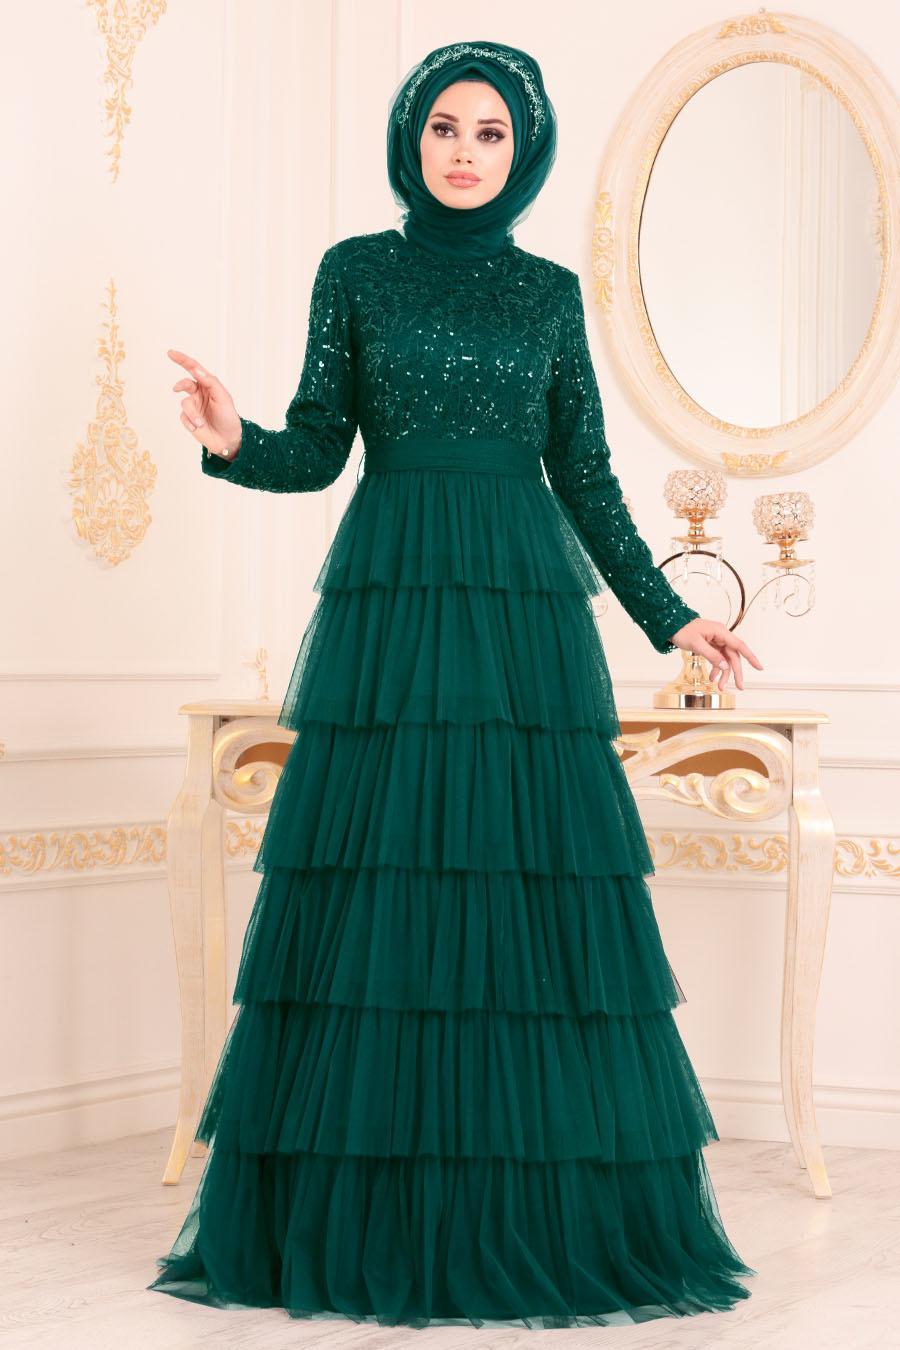 Nayla Collection - Fırfırlı Yeşil Tesettür Abiye Elbise 25735Y